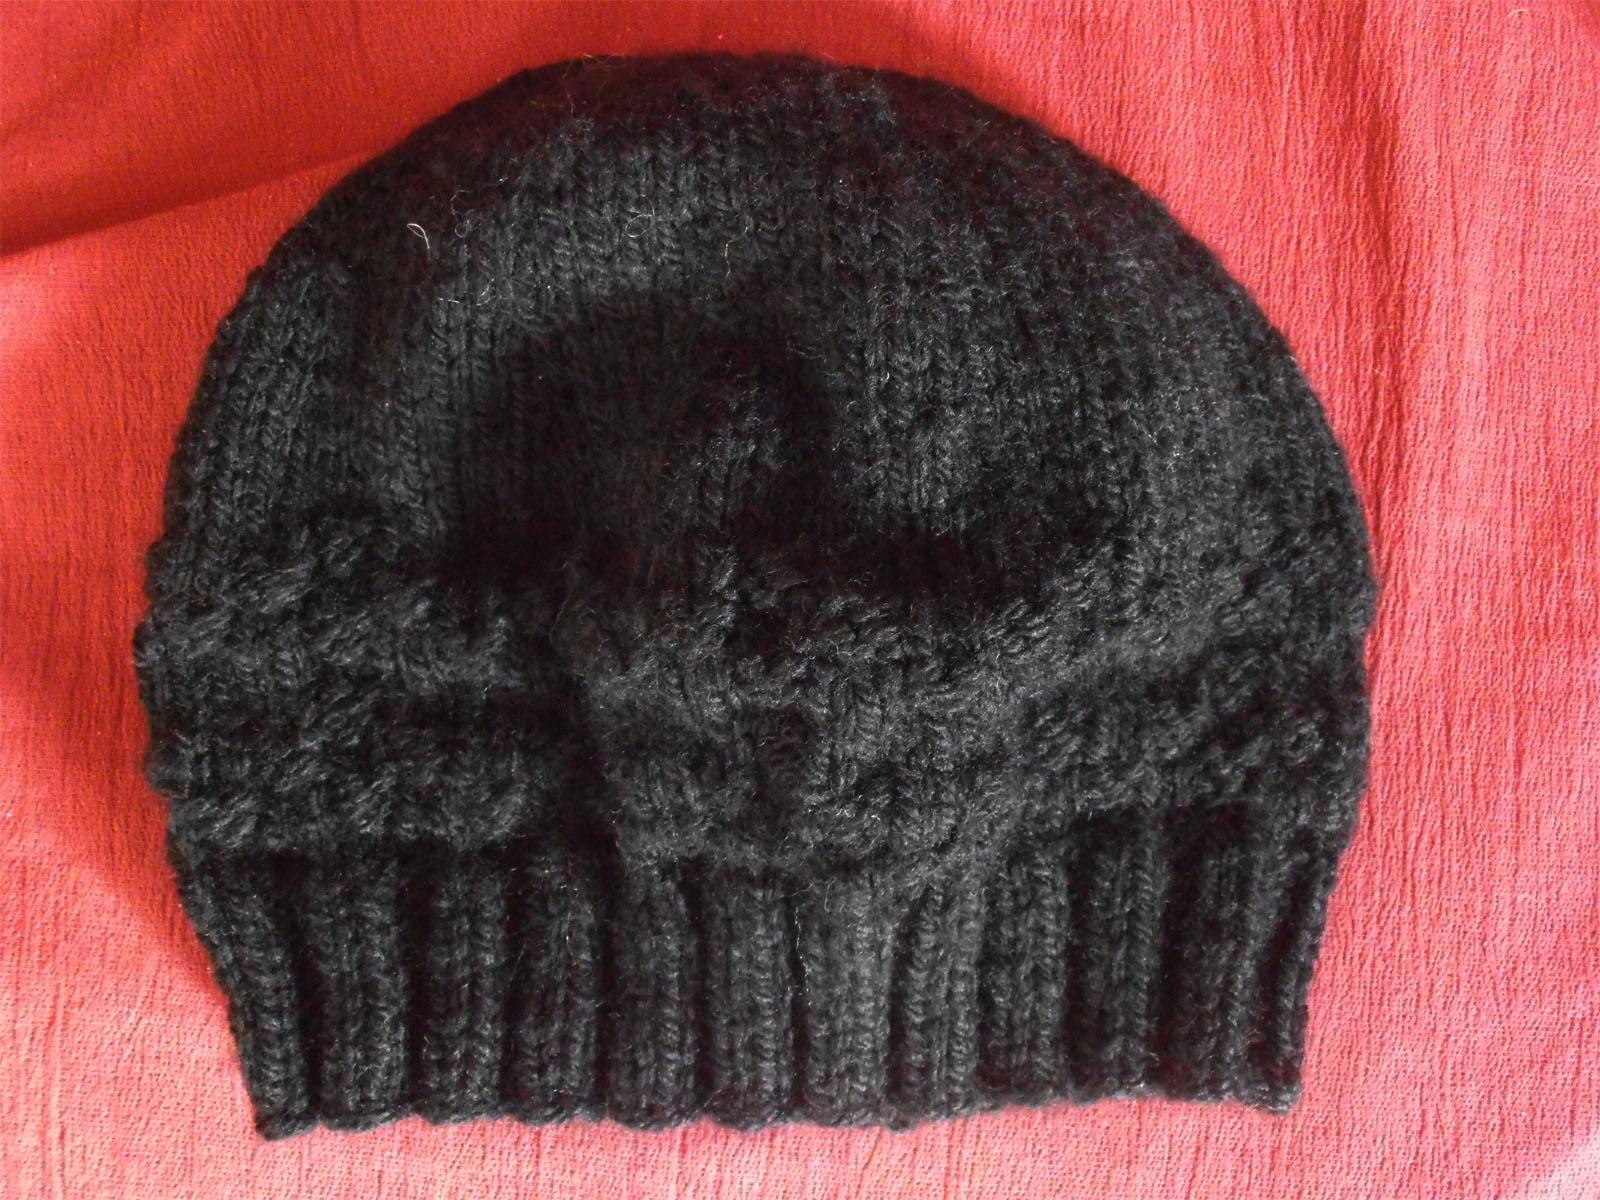 Tricoter bonnet homme aiguille 3 5